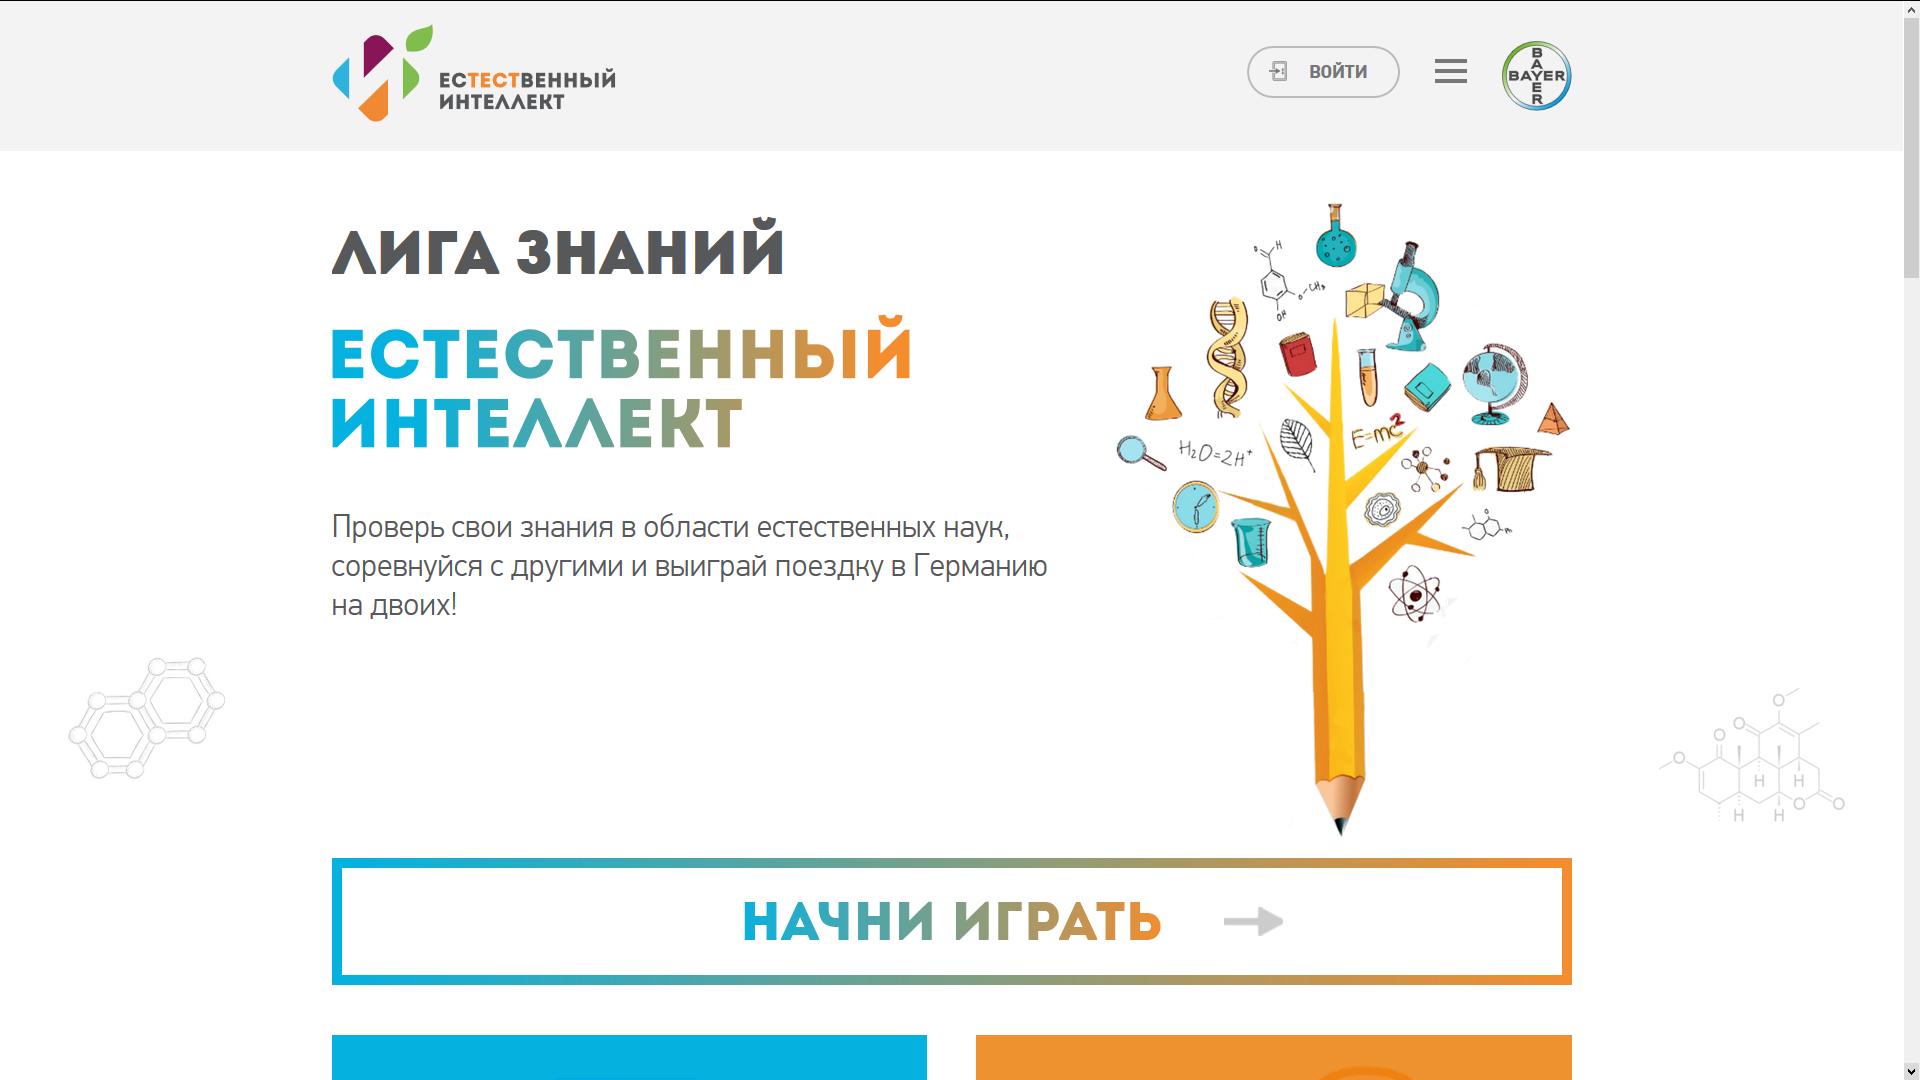 Главная страница сайта проекта «Лига знаний».